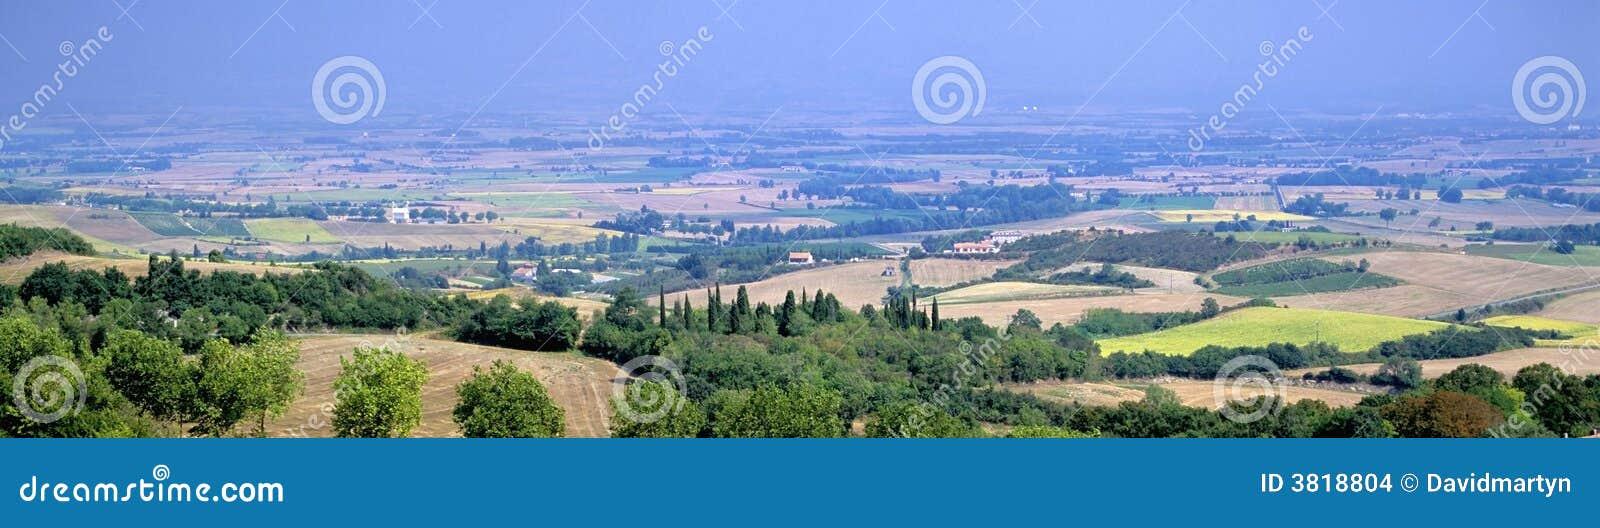 Paisagem de Languedoc